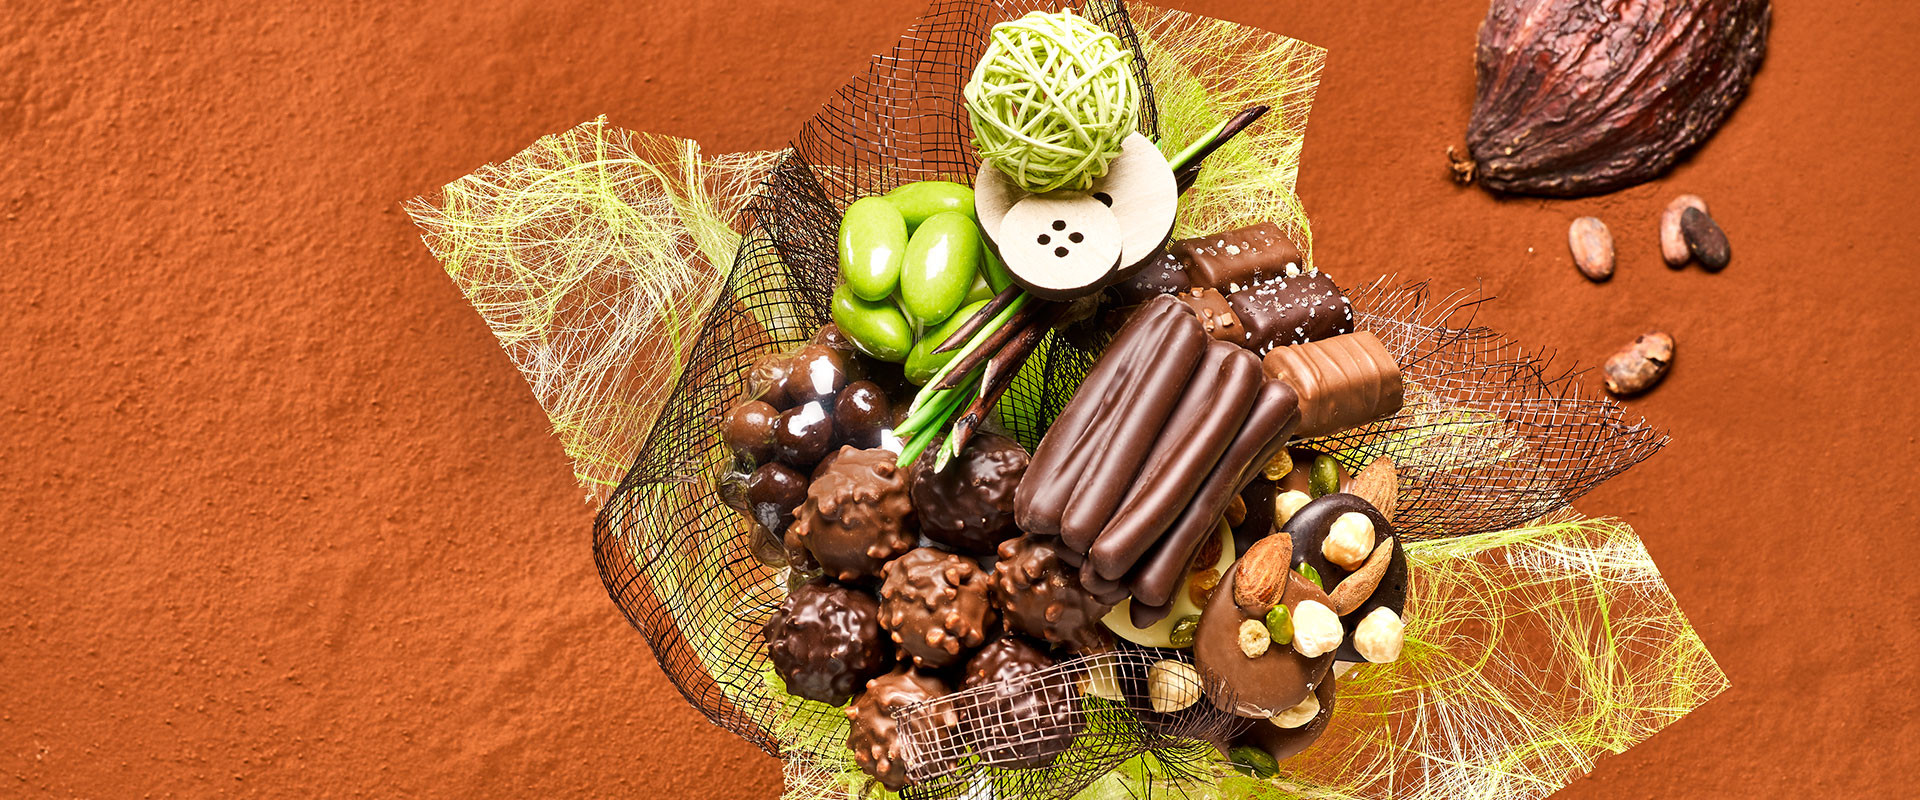 Dire merci en chocolat : une idée de cadeau originale